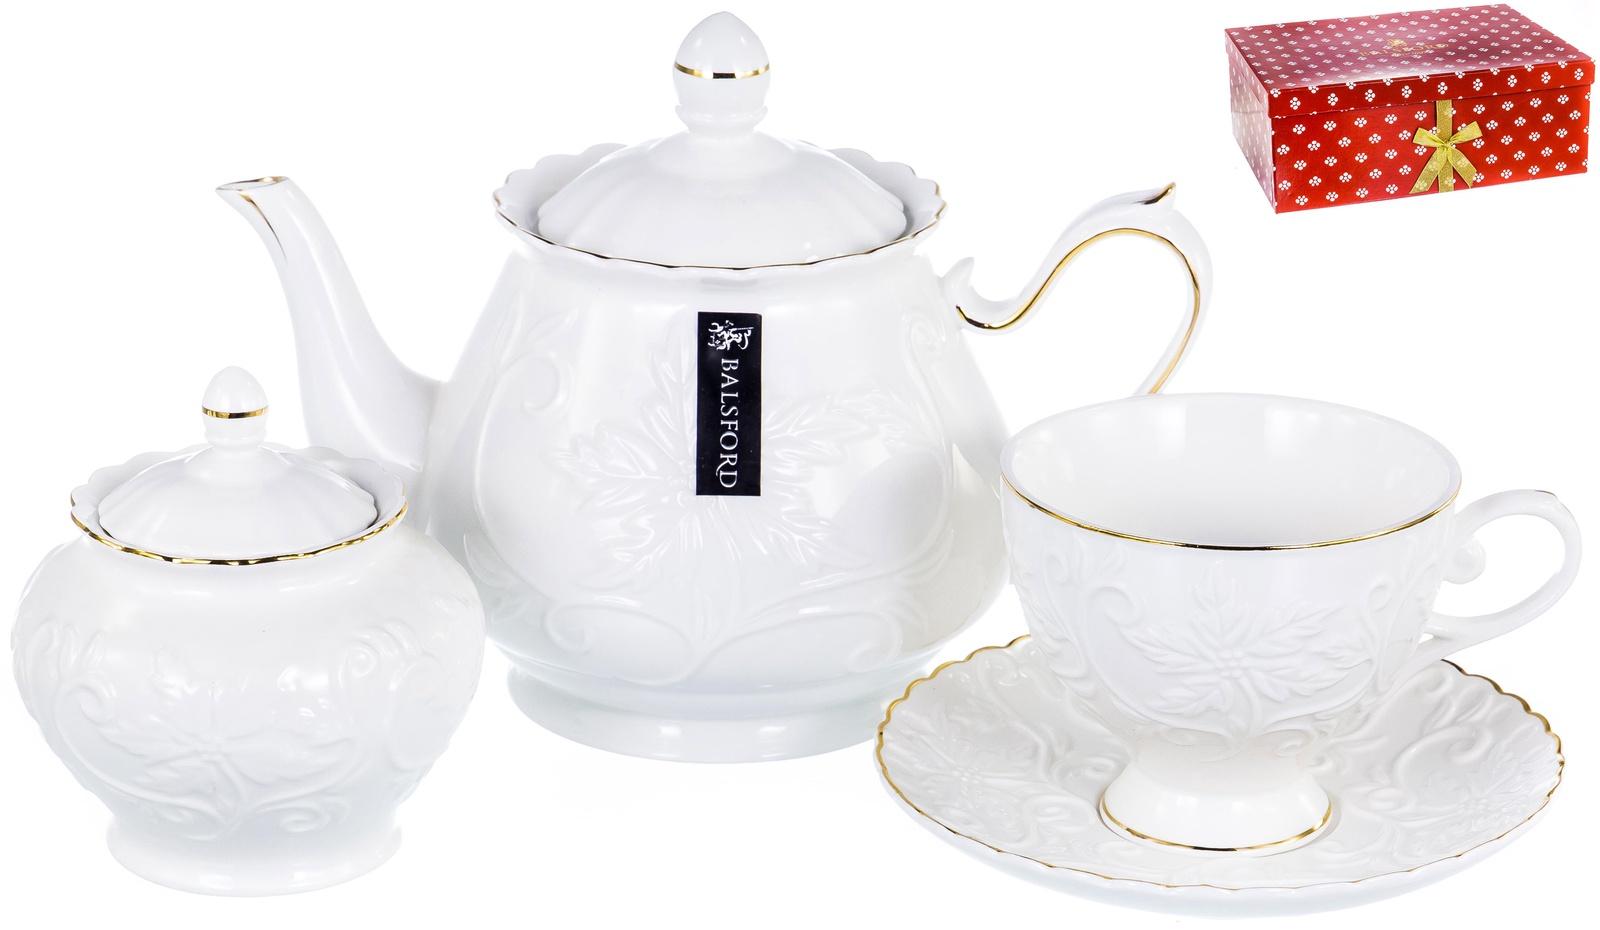 Набор чайный ГРАЦИЯ, серия Лисиа, 6 чашек 220мл, 6 блюдец,чайник с крышкой 1000мл, сахарница с крышкой 400мл, NEW BONE CHINA, белый рельефный рисунок с золотом, прямоугольная подарочная упаковка с окном и бантом, ТМ Balsford, артикул 101-30036